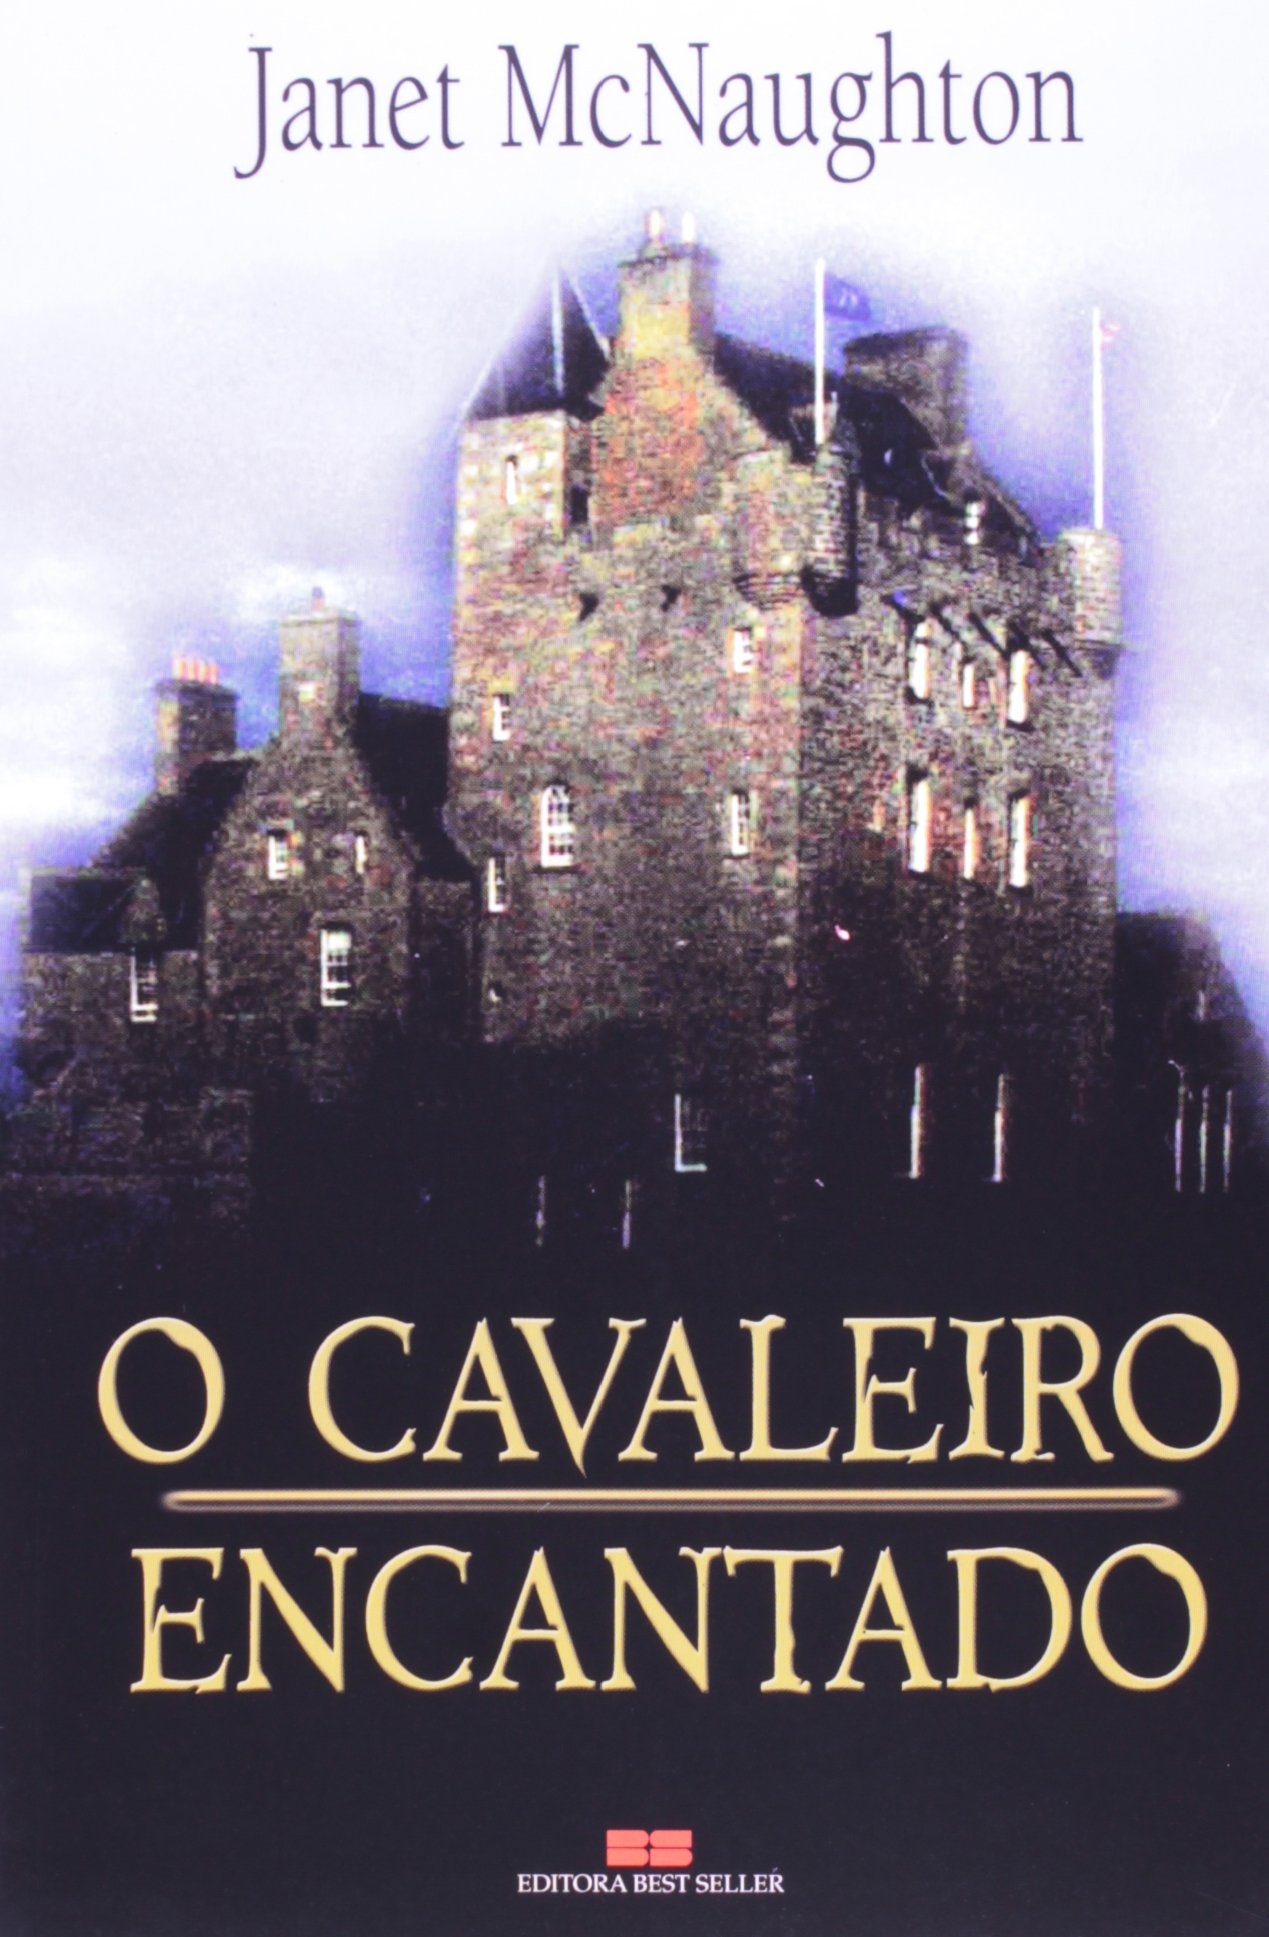 Download Cavaleiro Encantado, O PDF